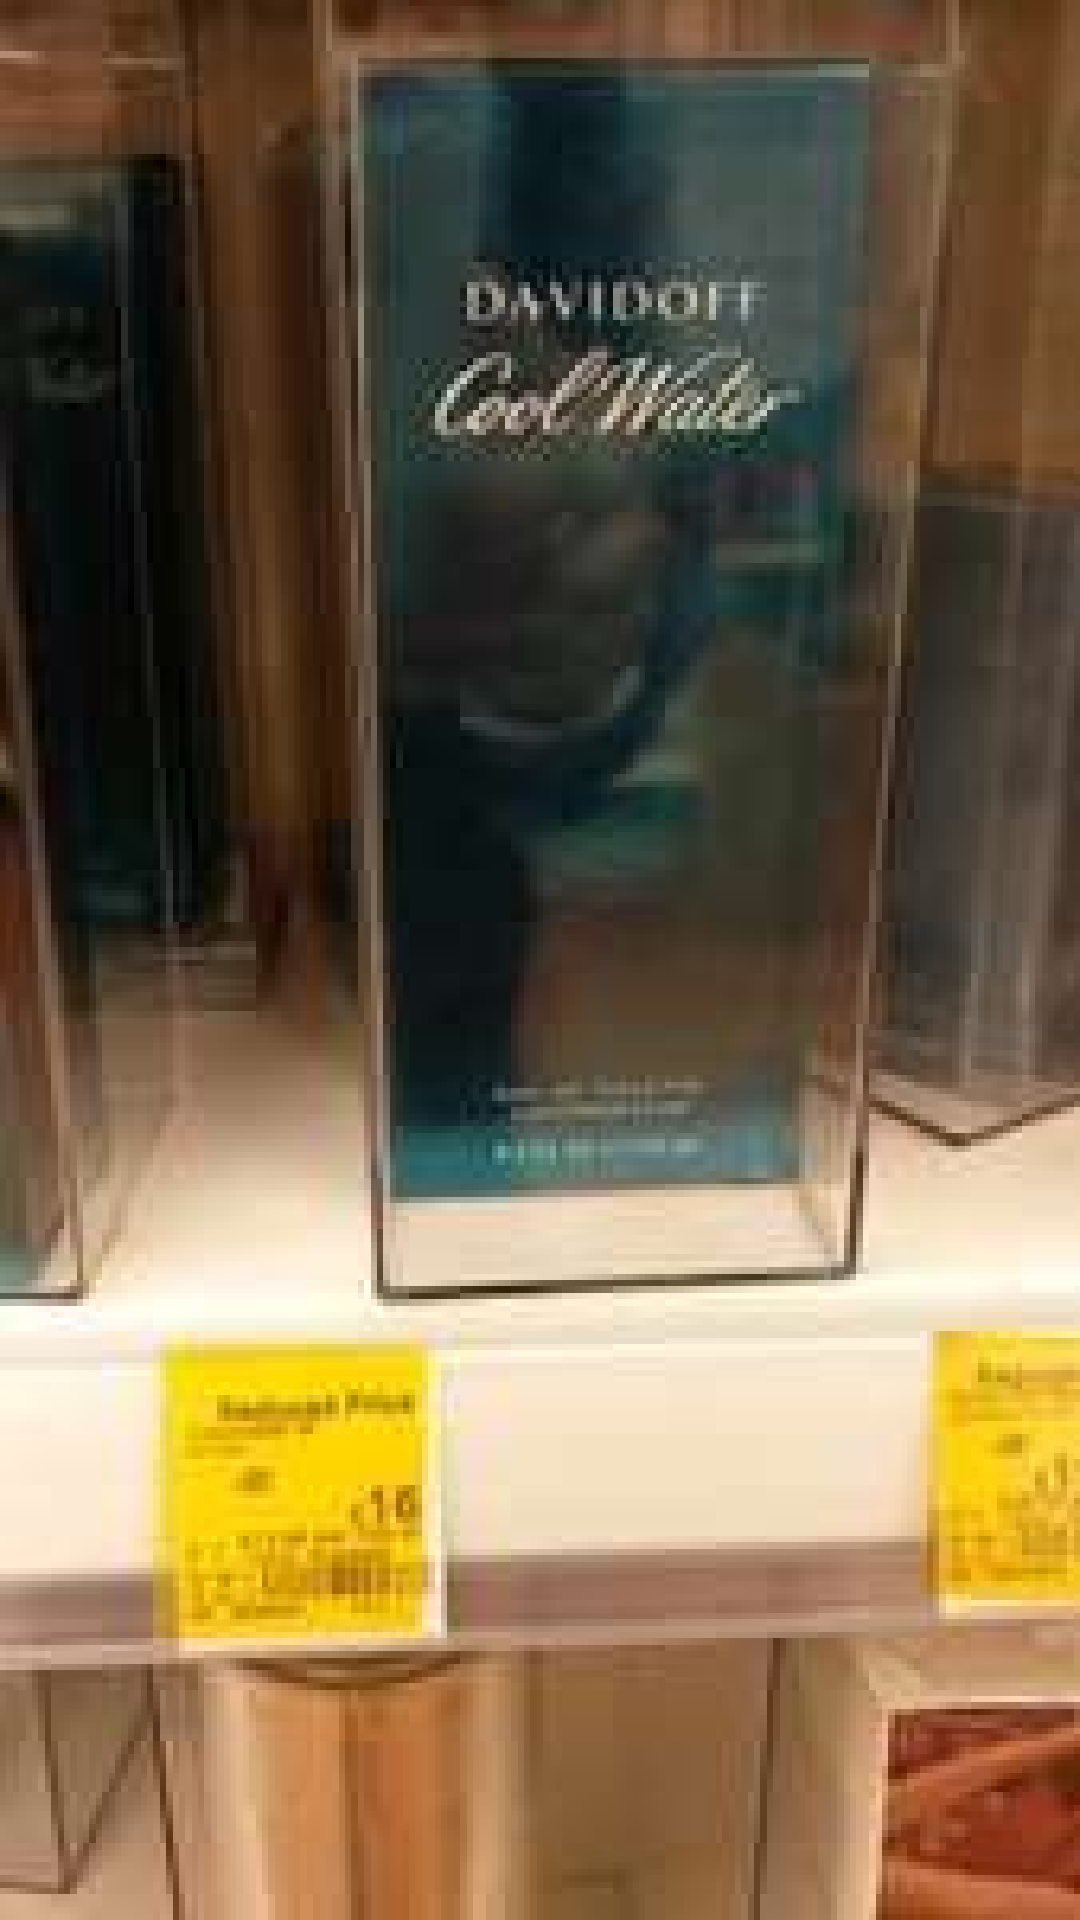 davidoff cool water 125ml £16 at Asda